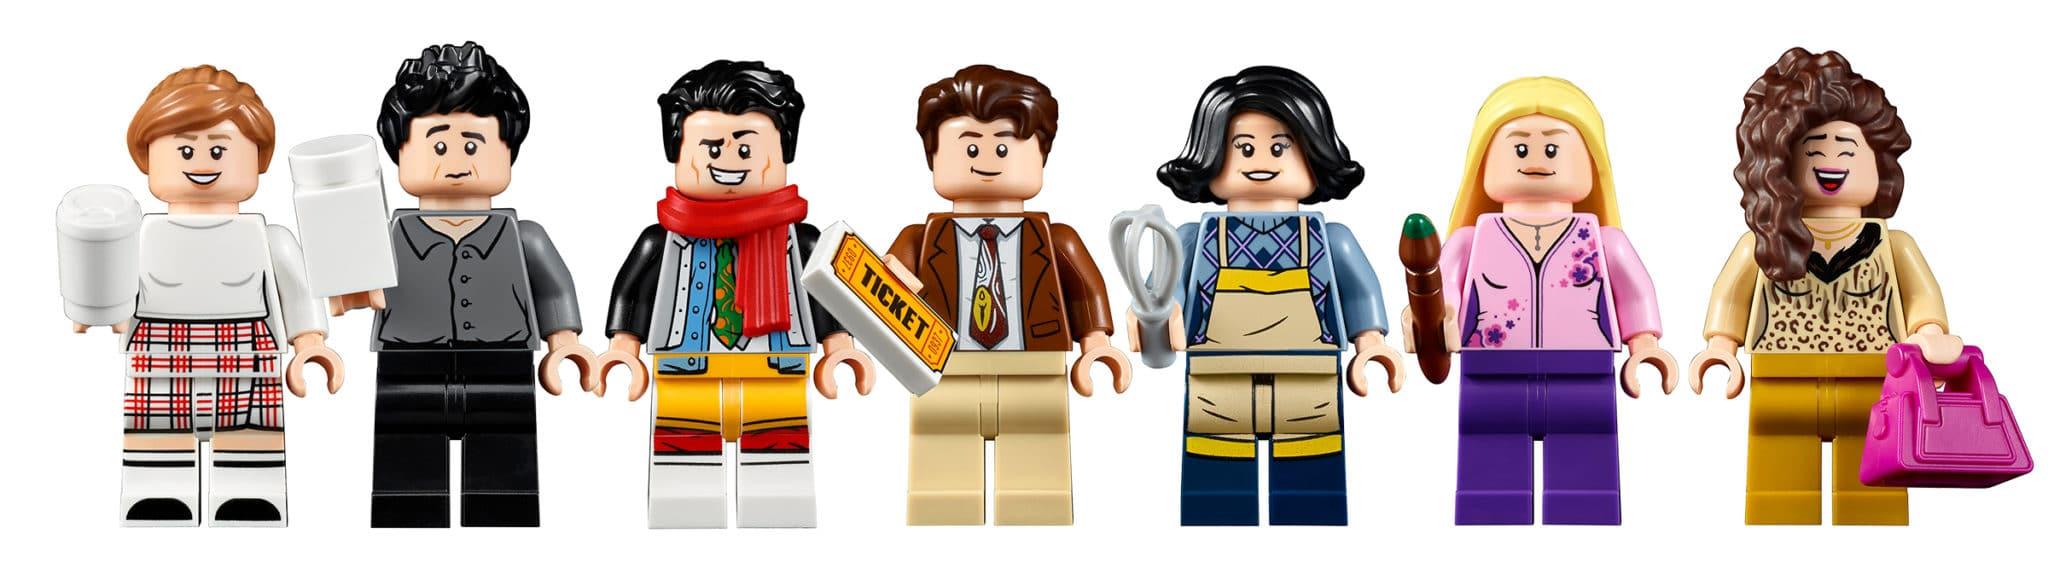 LEGO 10292 Friends Apartments Minifigures